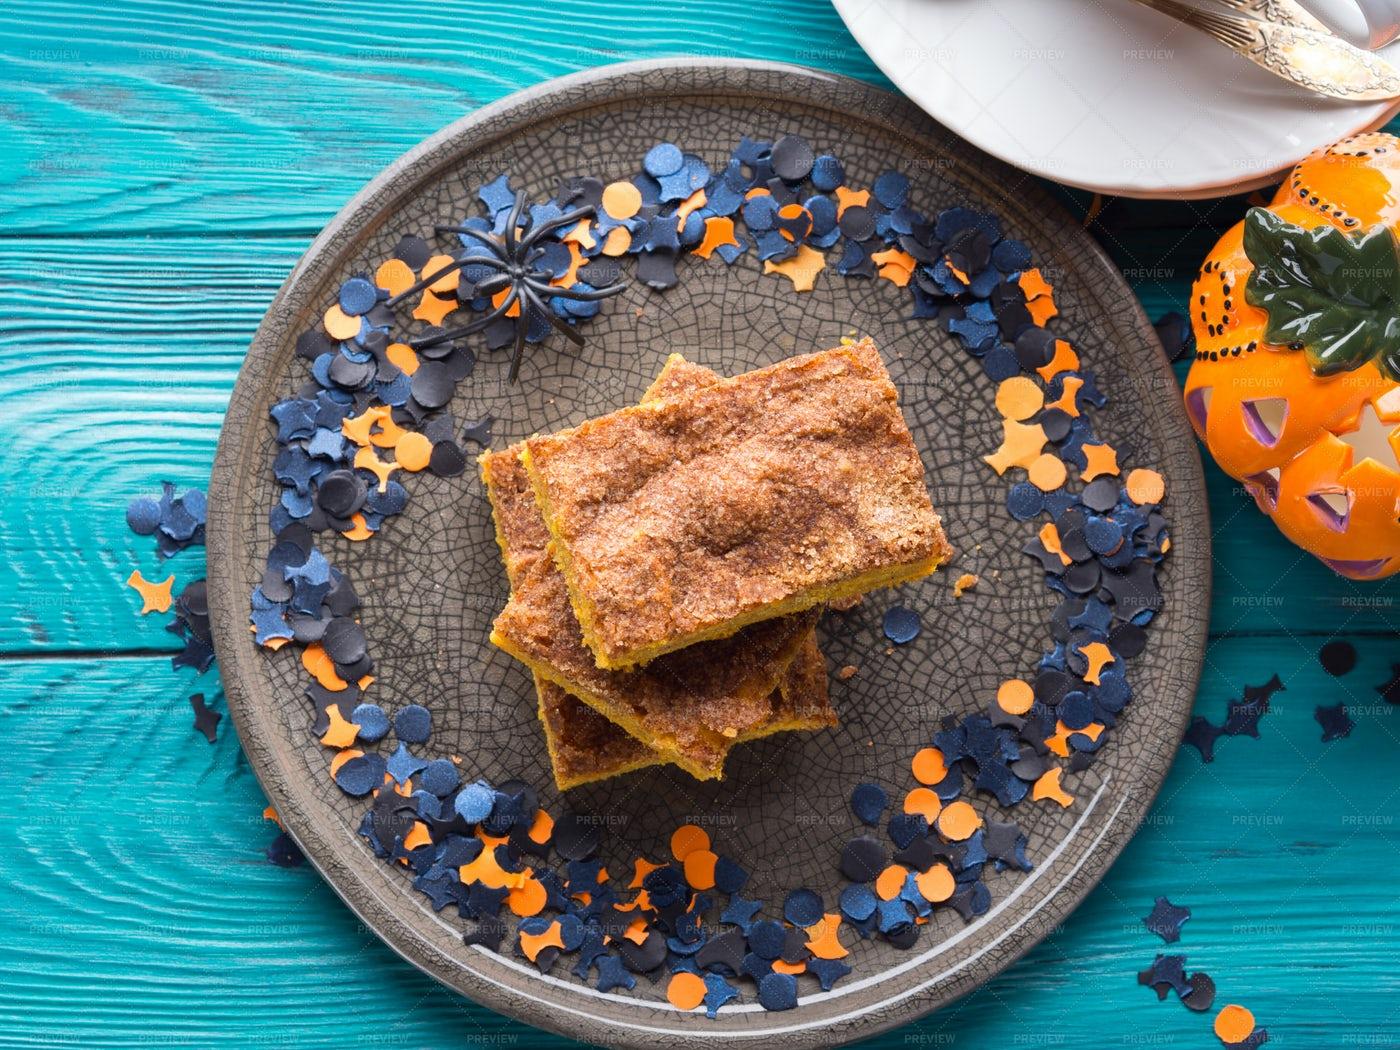 Pumpkin Brownies For Halloween: Stock Photos